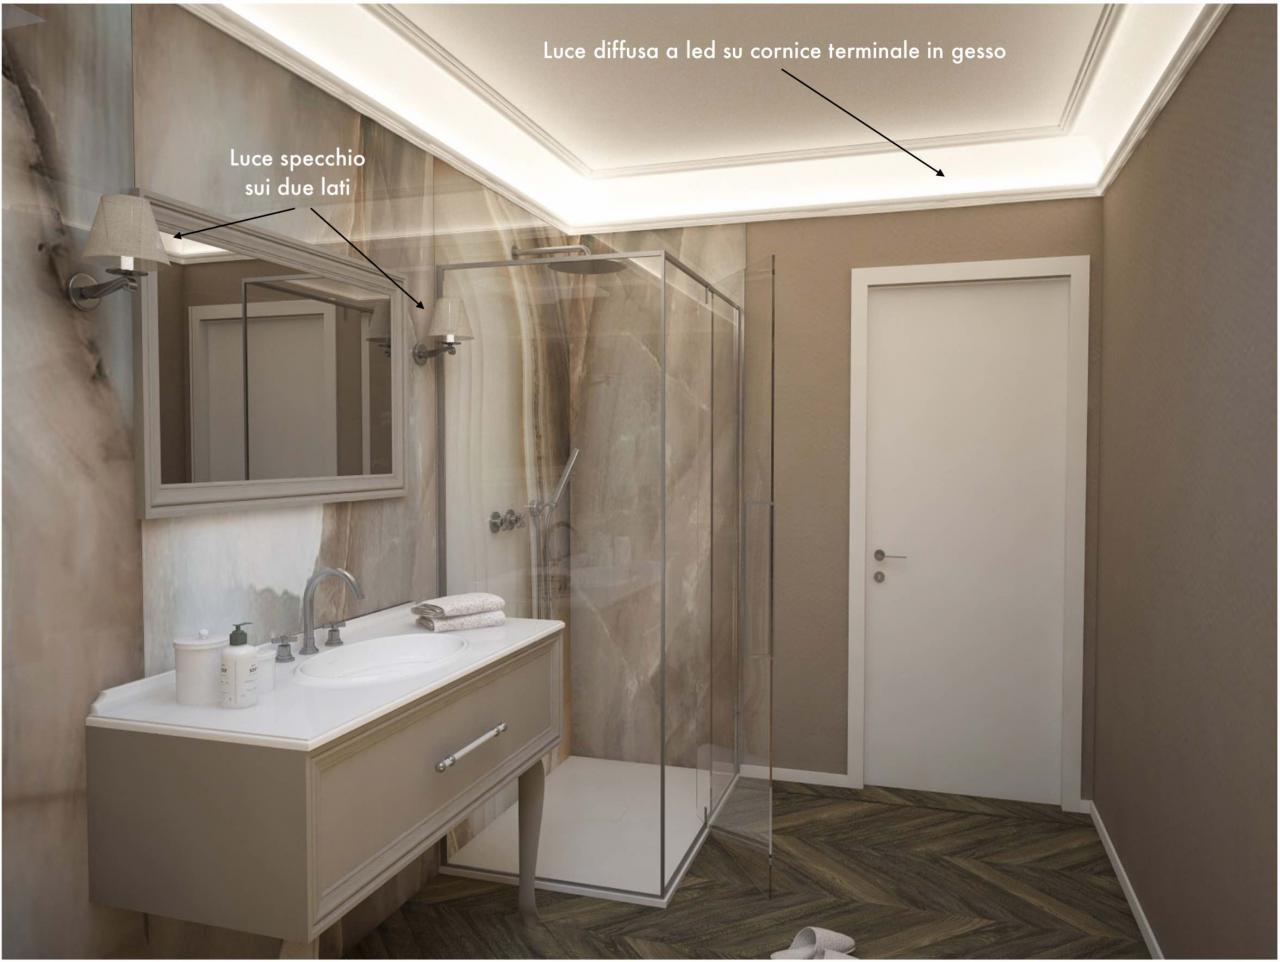 Lampada Sopra Specchio Bagno illuminazione in bagno: come realizzarla? | fratelli